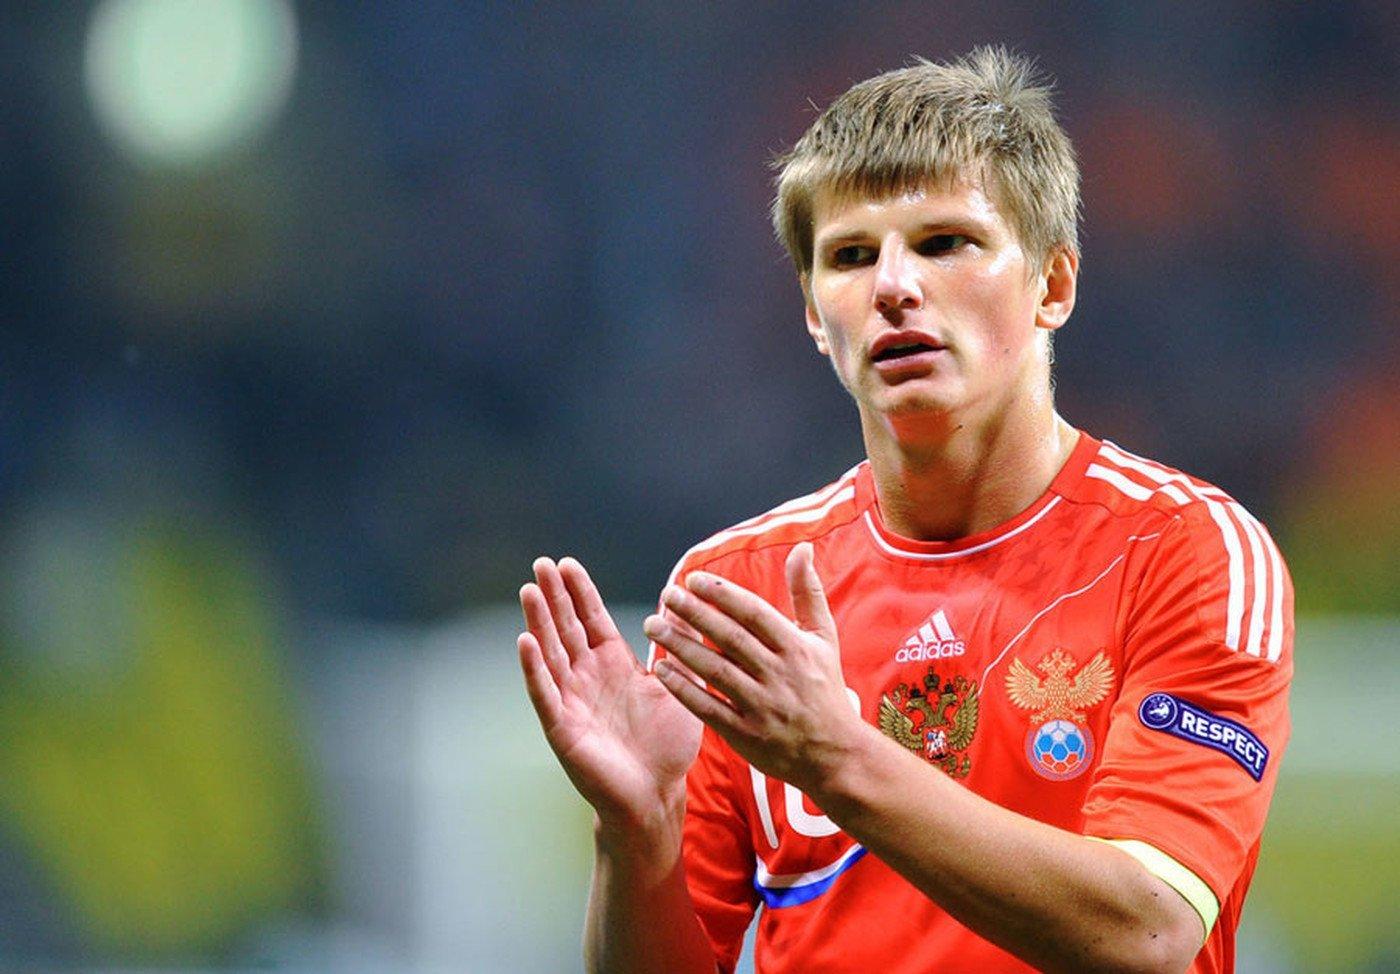 Футболист - Андрей Аршавин